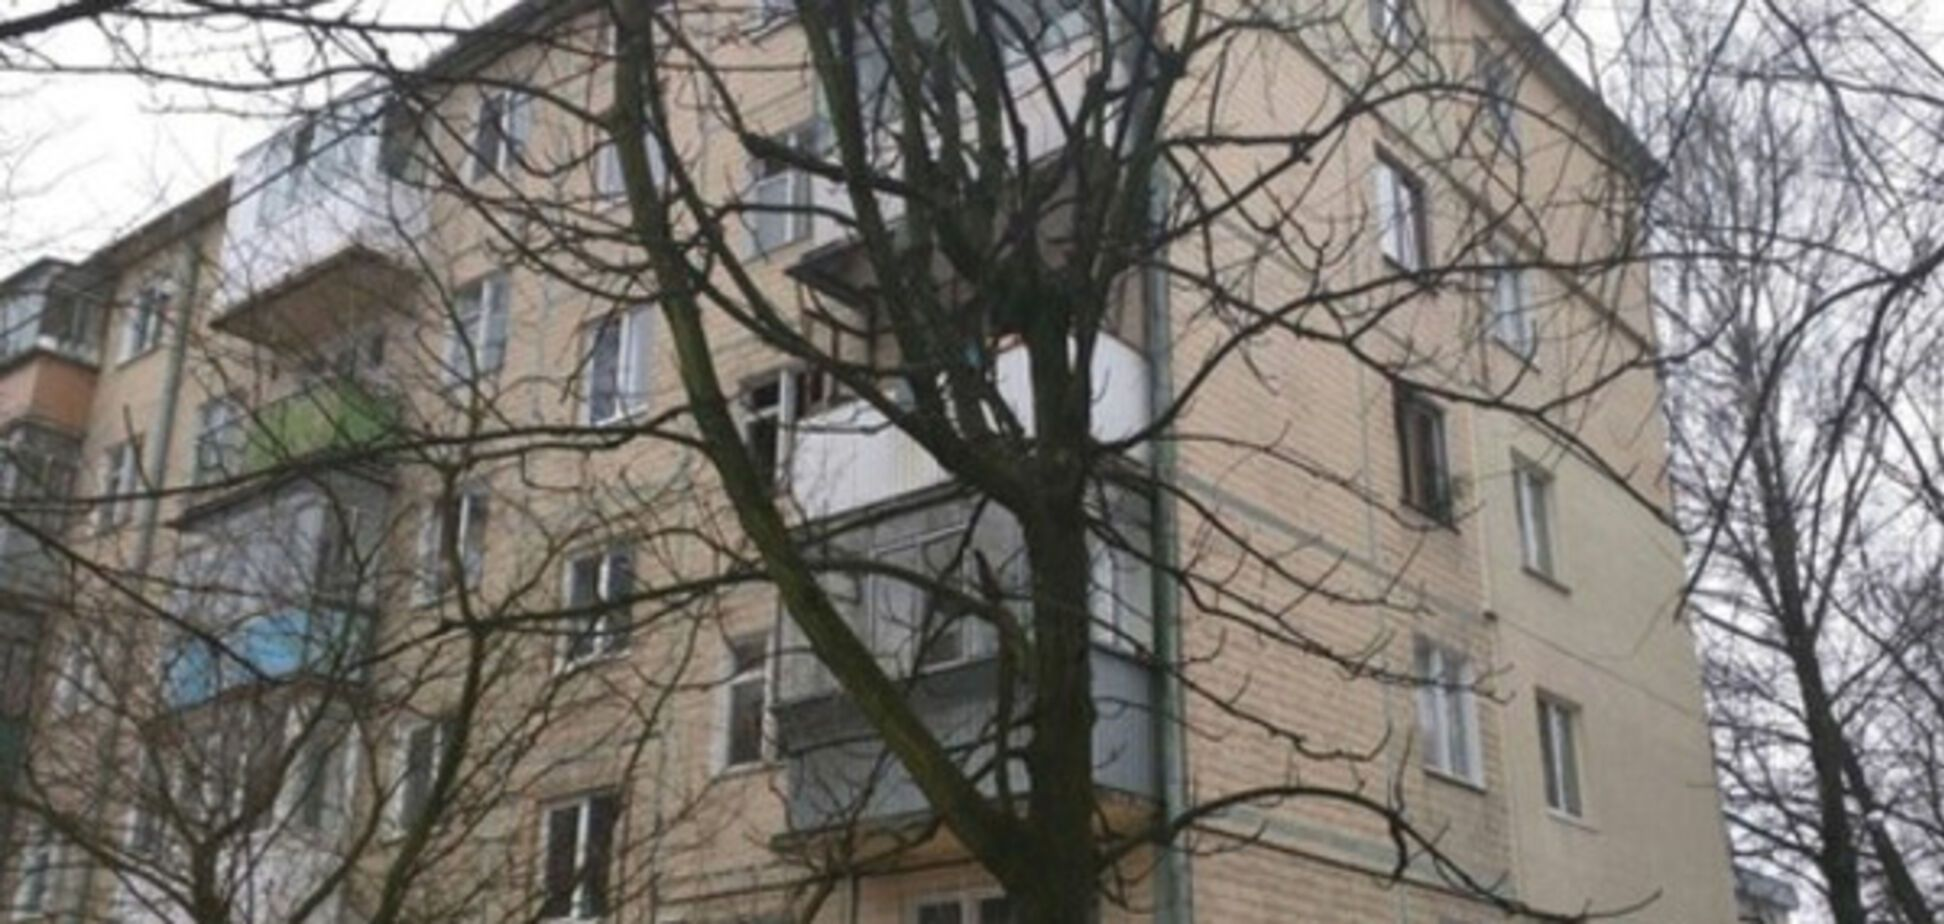 Вылетели все окна и двери: под Львовом прогремел взрыв в многоэтажке